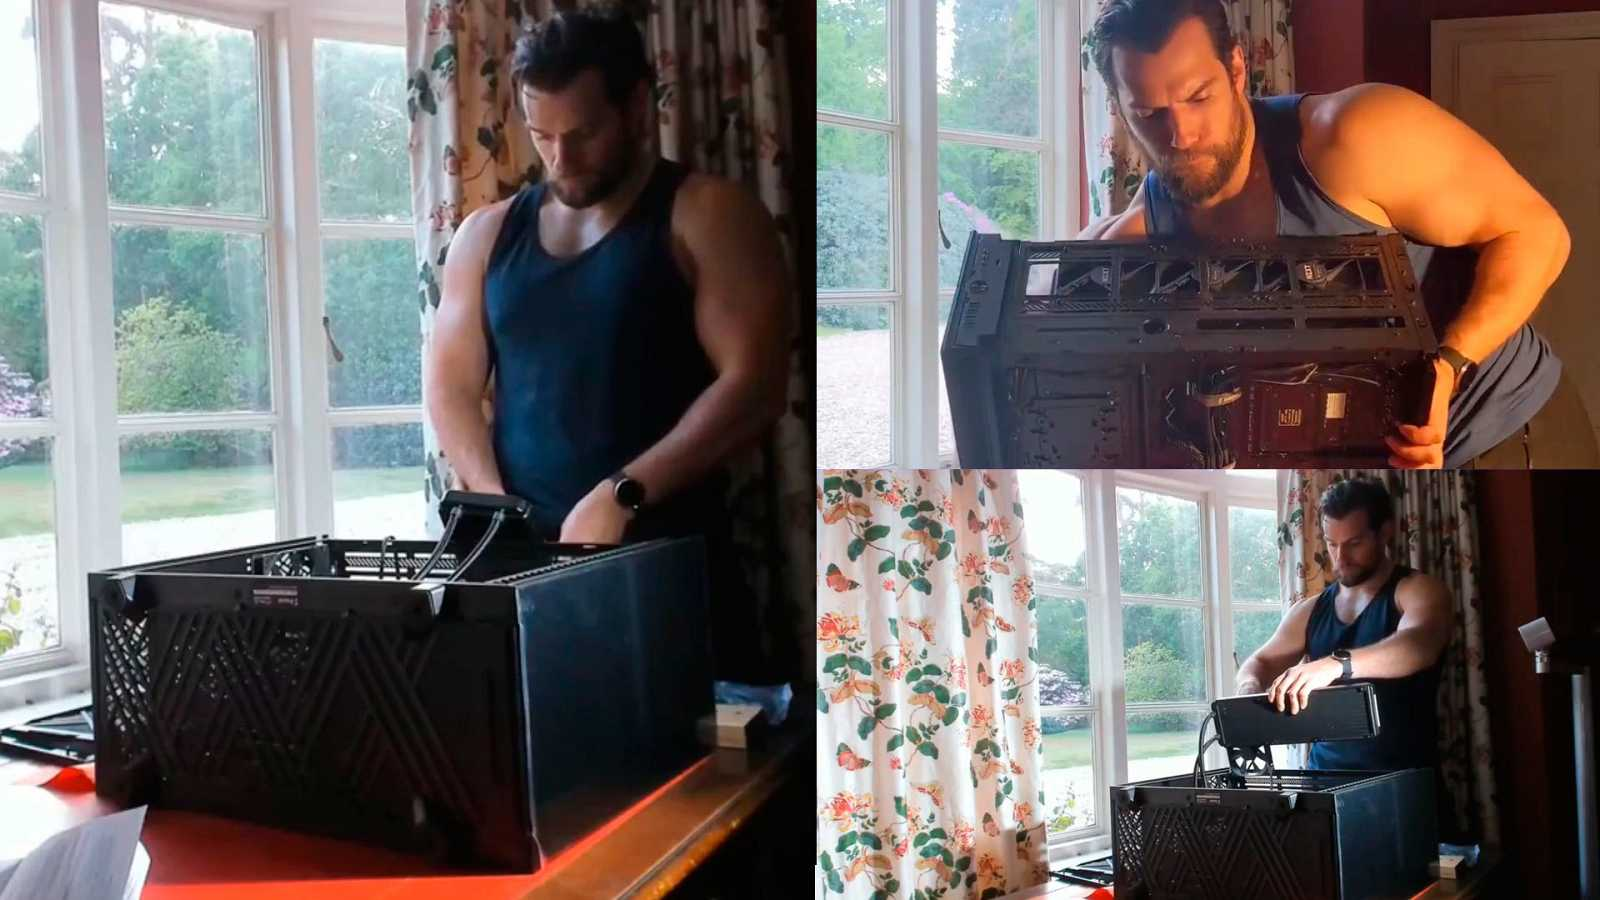 Henry Cavill montando su ordenador